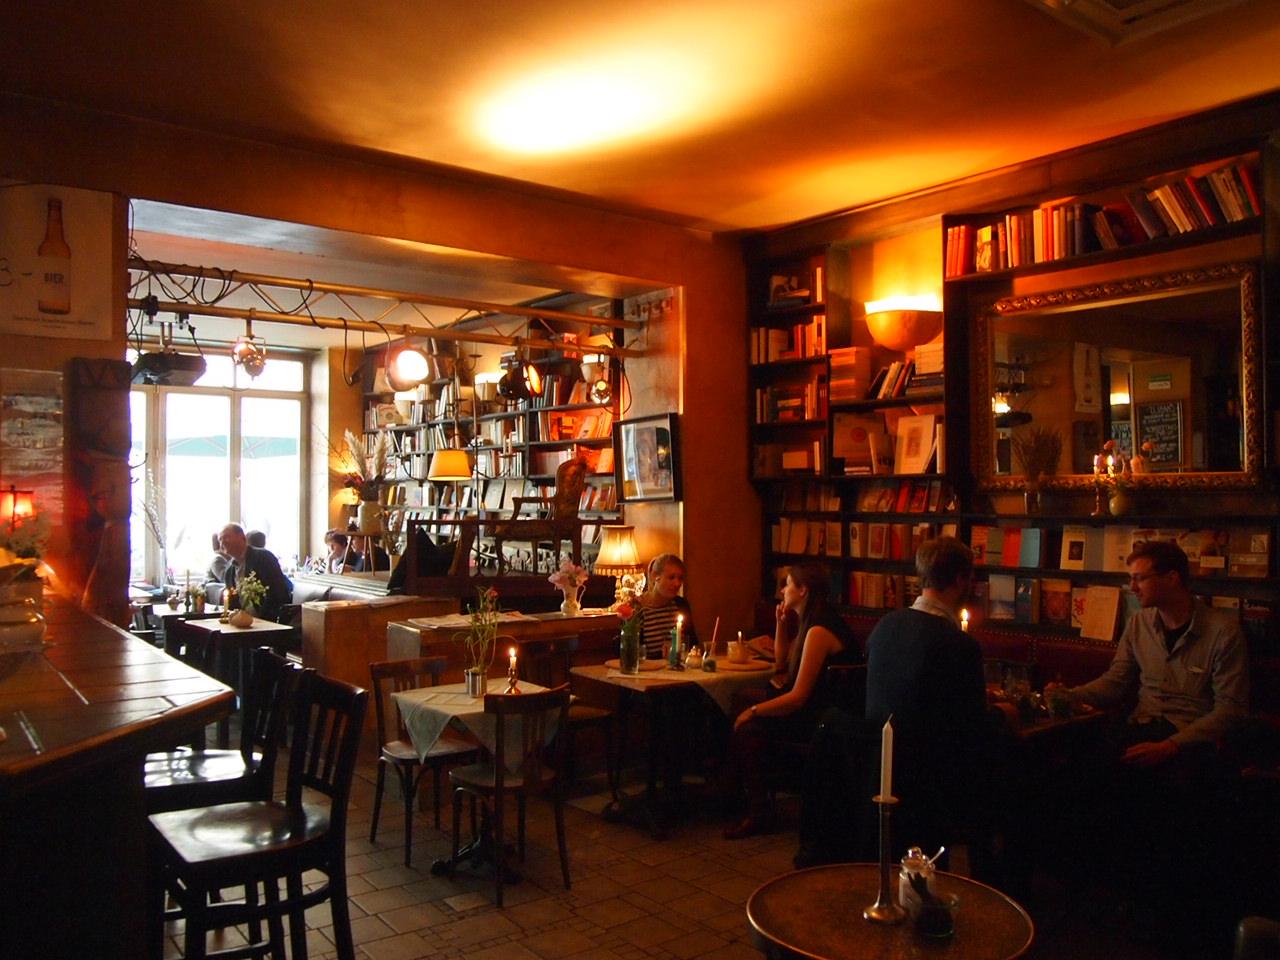 Cafe wohnzimmer berlin - weitsicht.info